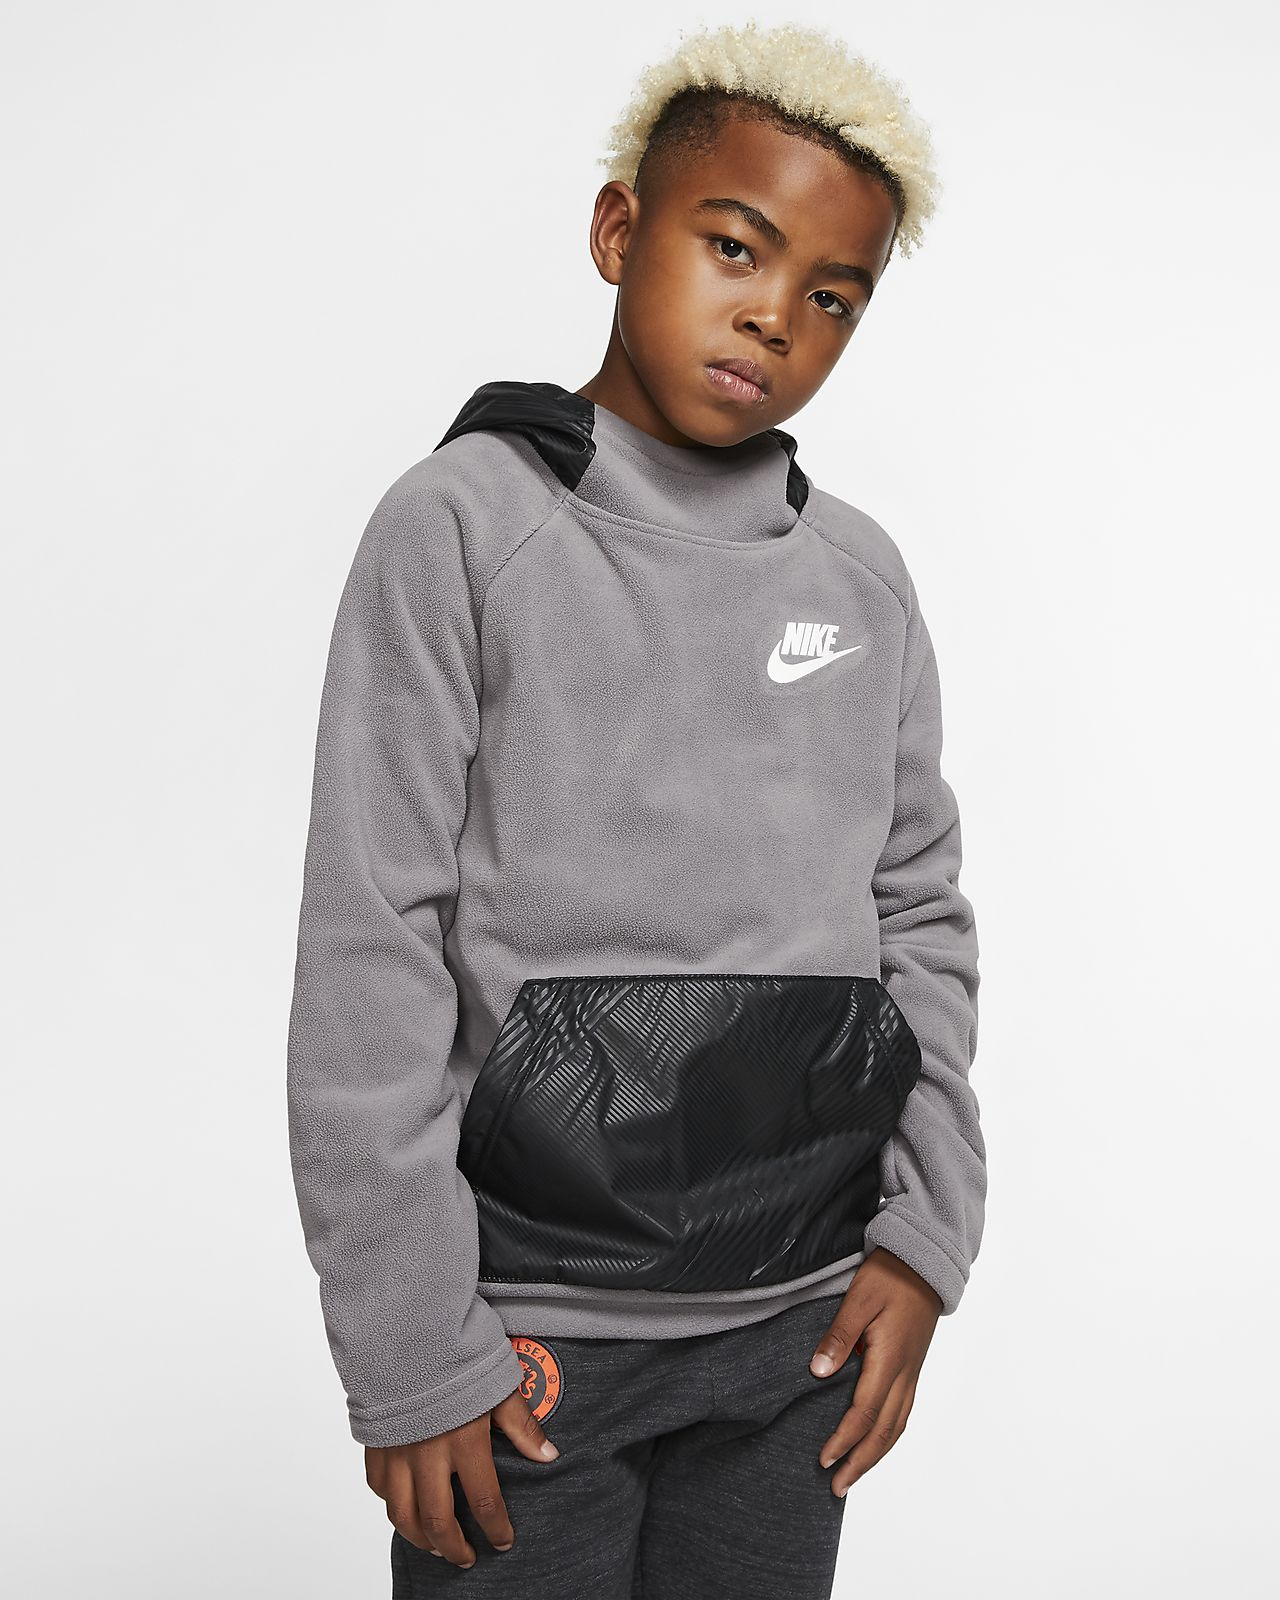 Nike Sportswear Pullover-Hoodie für ältere Kinder (Jungen)